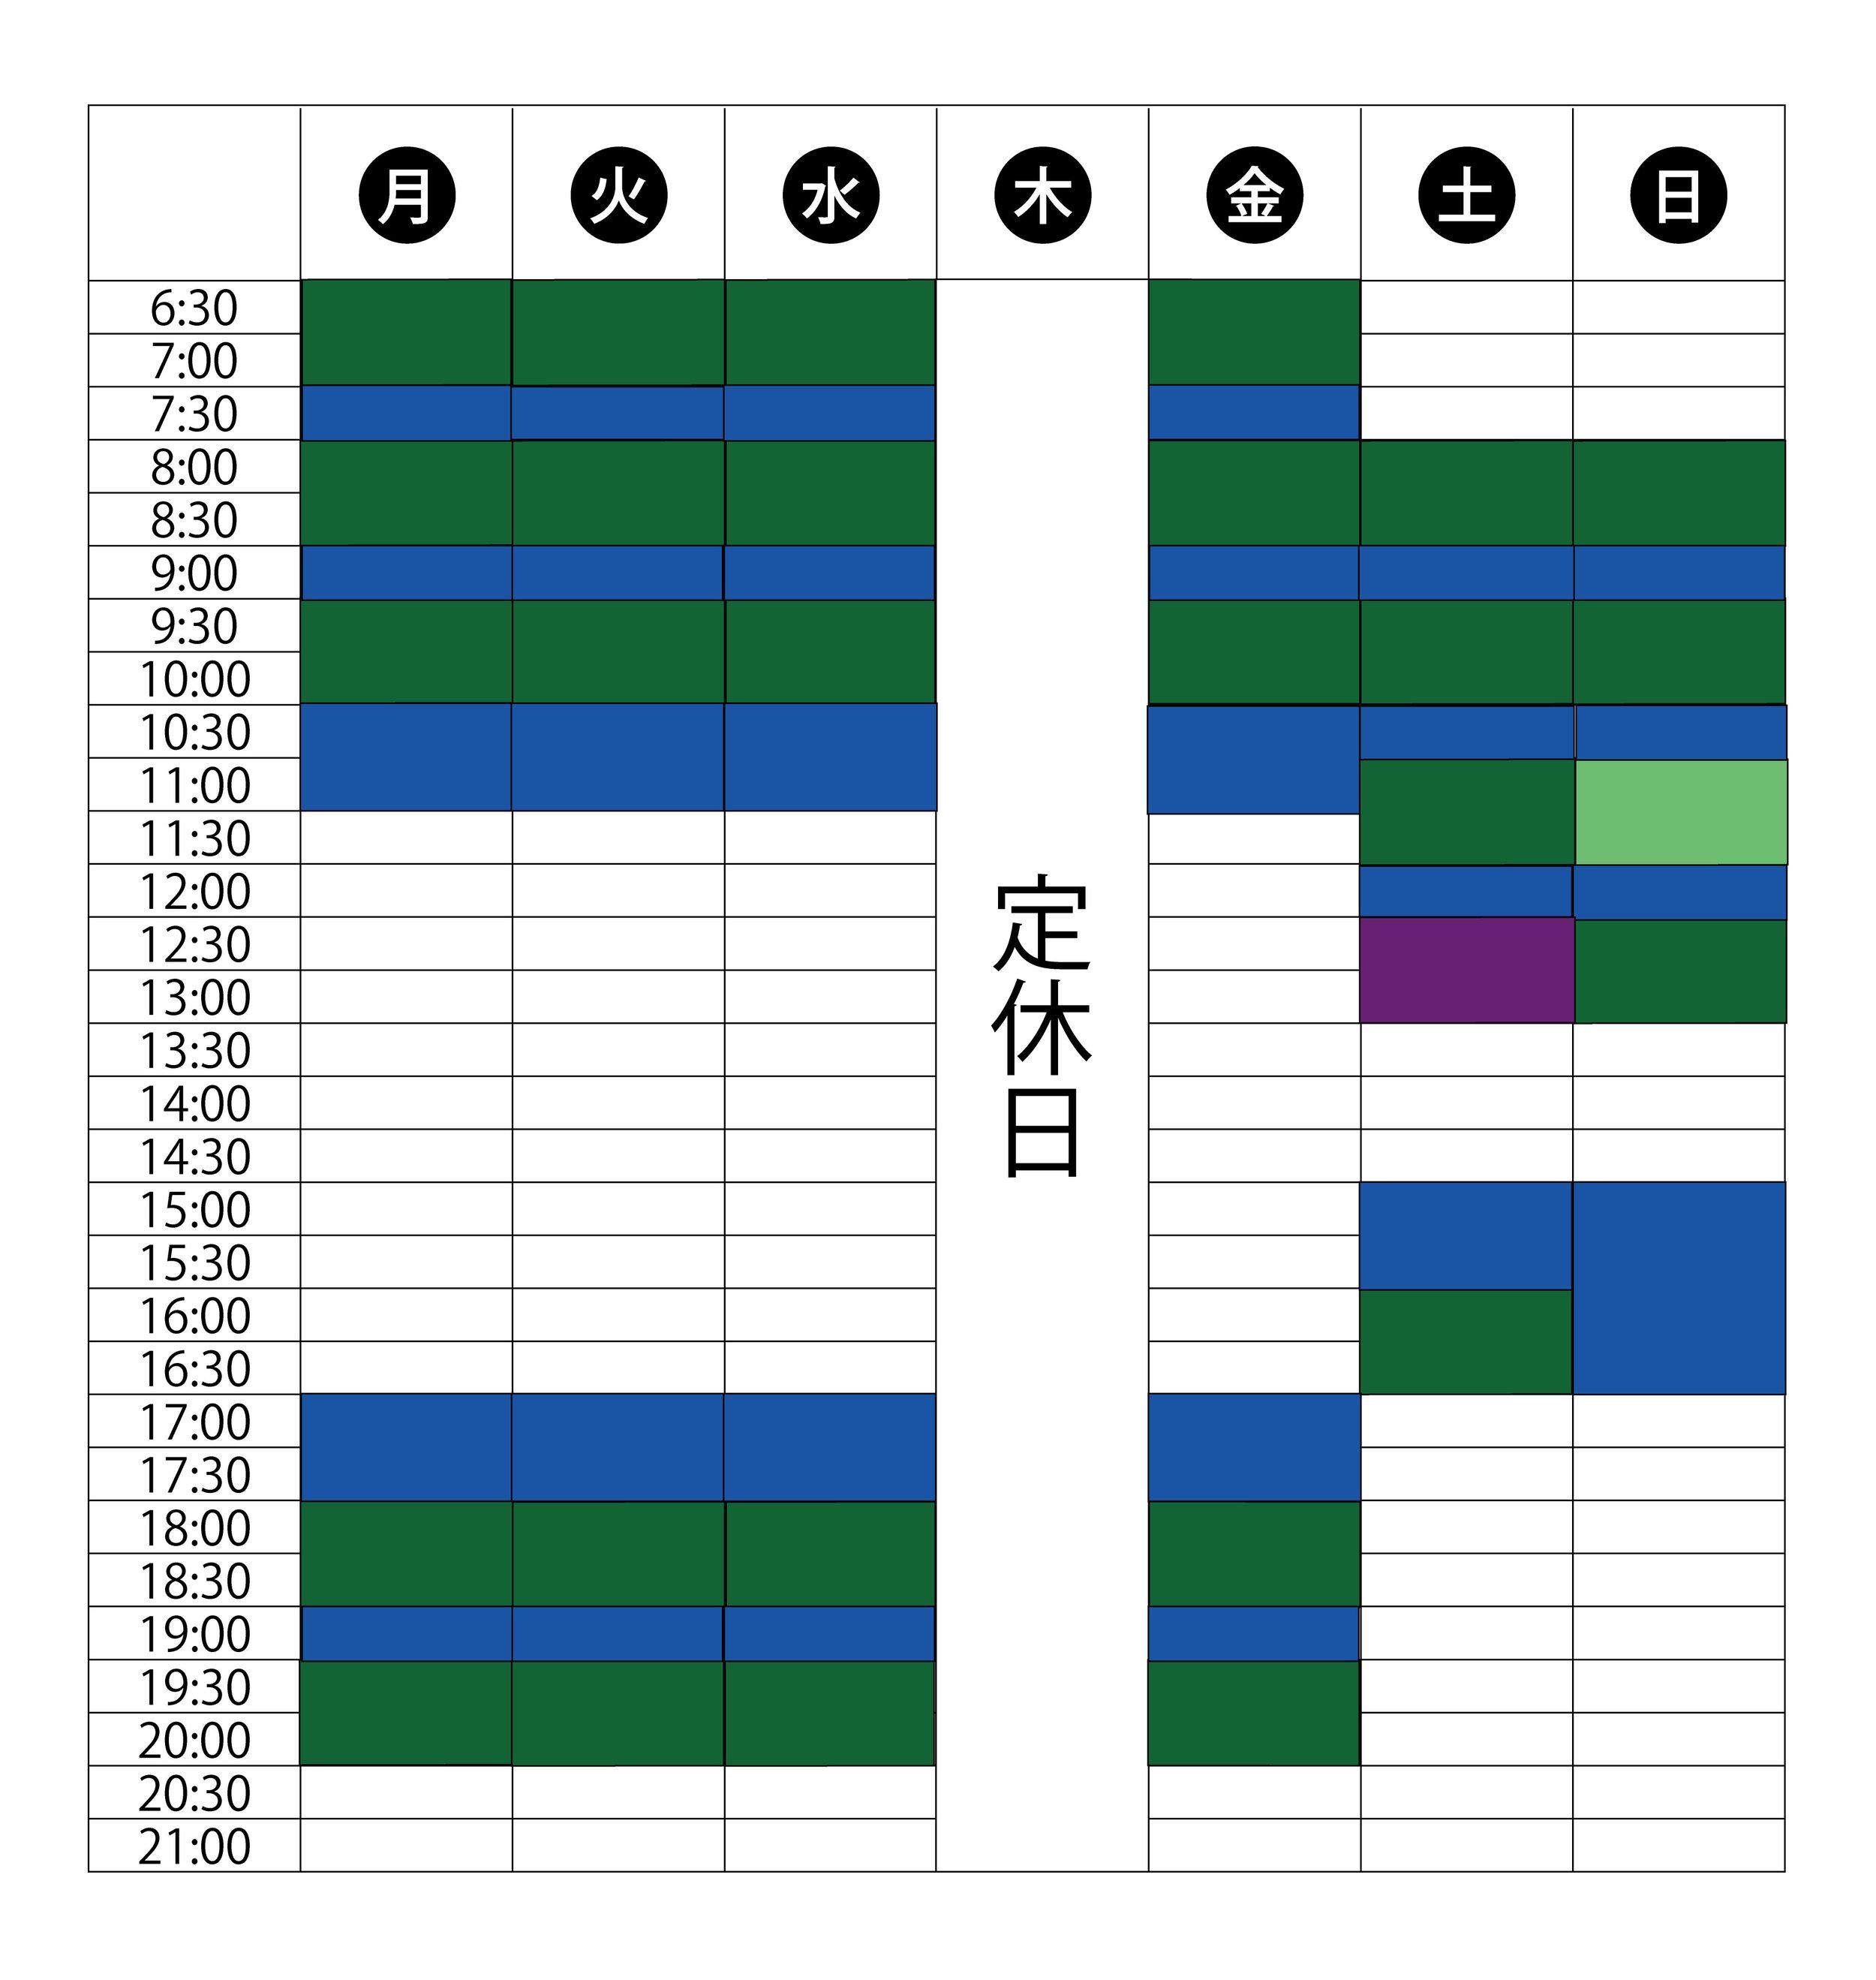 Scheduless.jpg